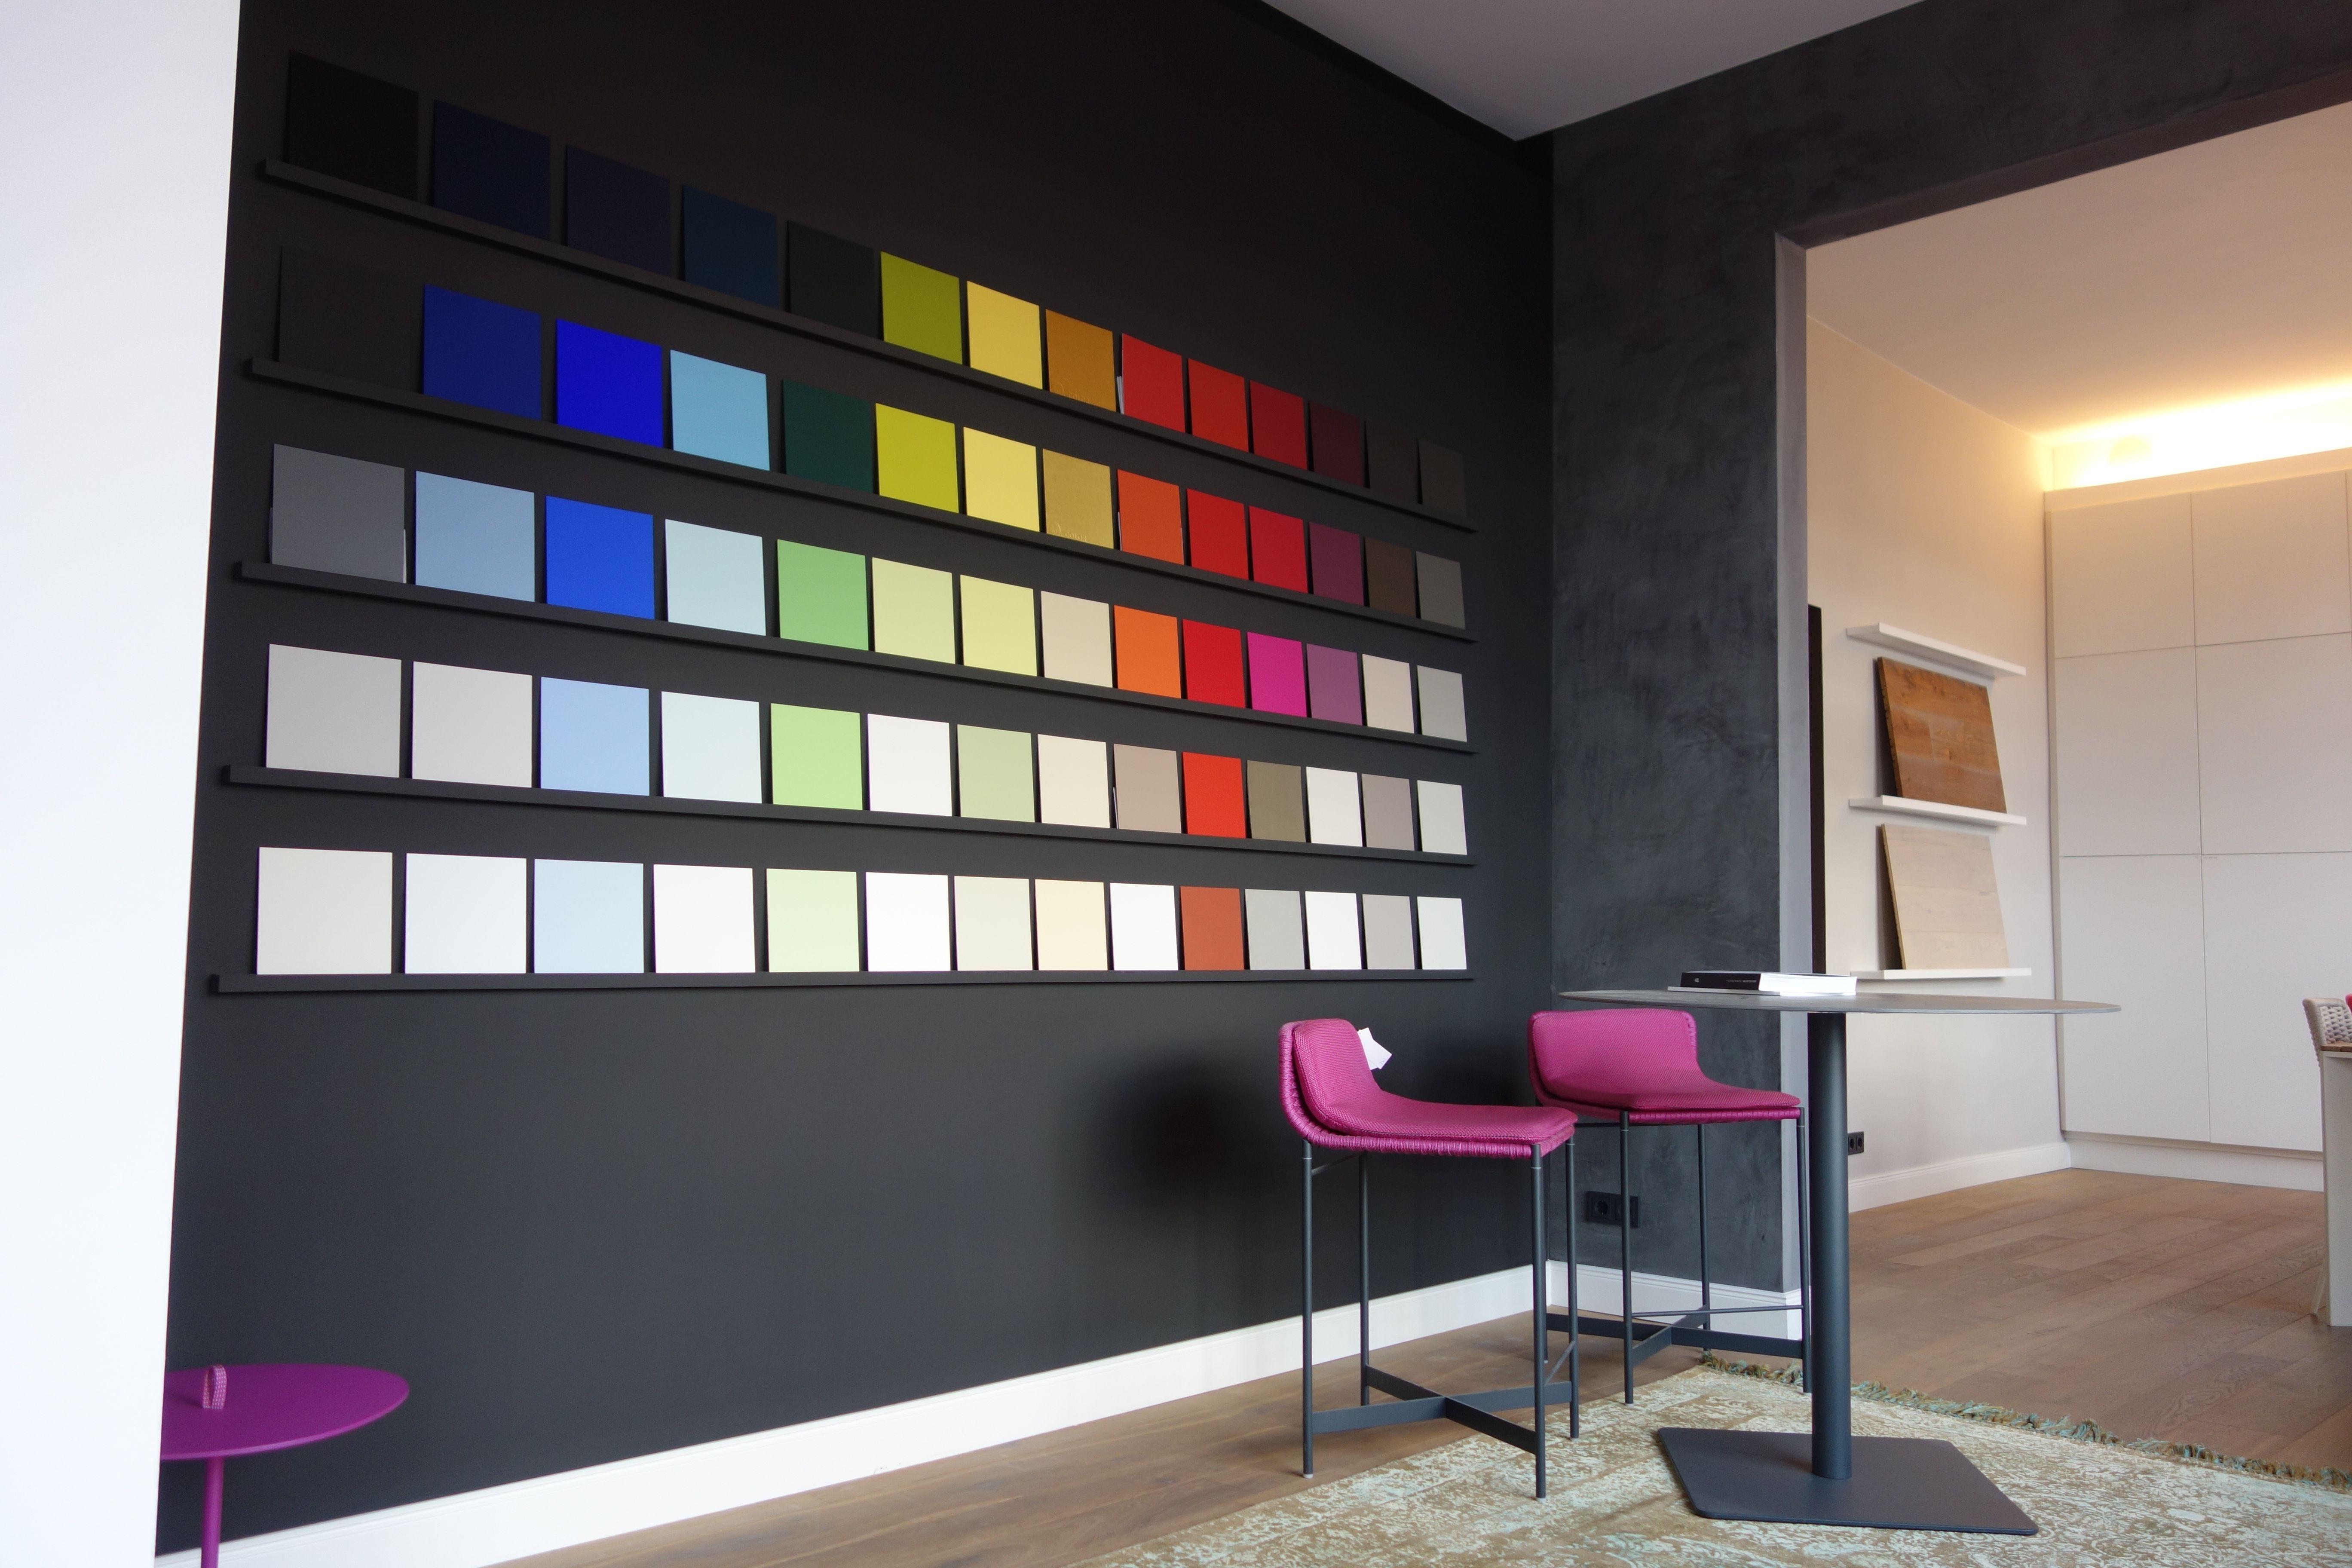 Meister Der Farben Farbgestaltung Mit Pigmenten Aus Der Natur Kt